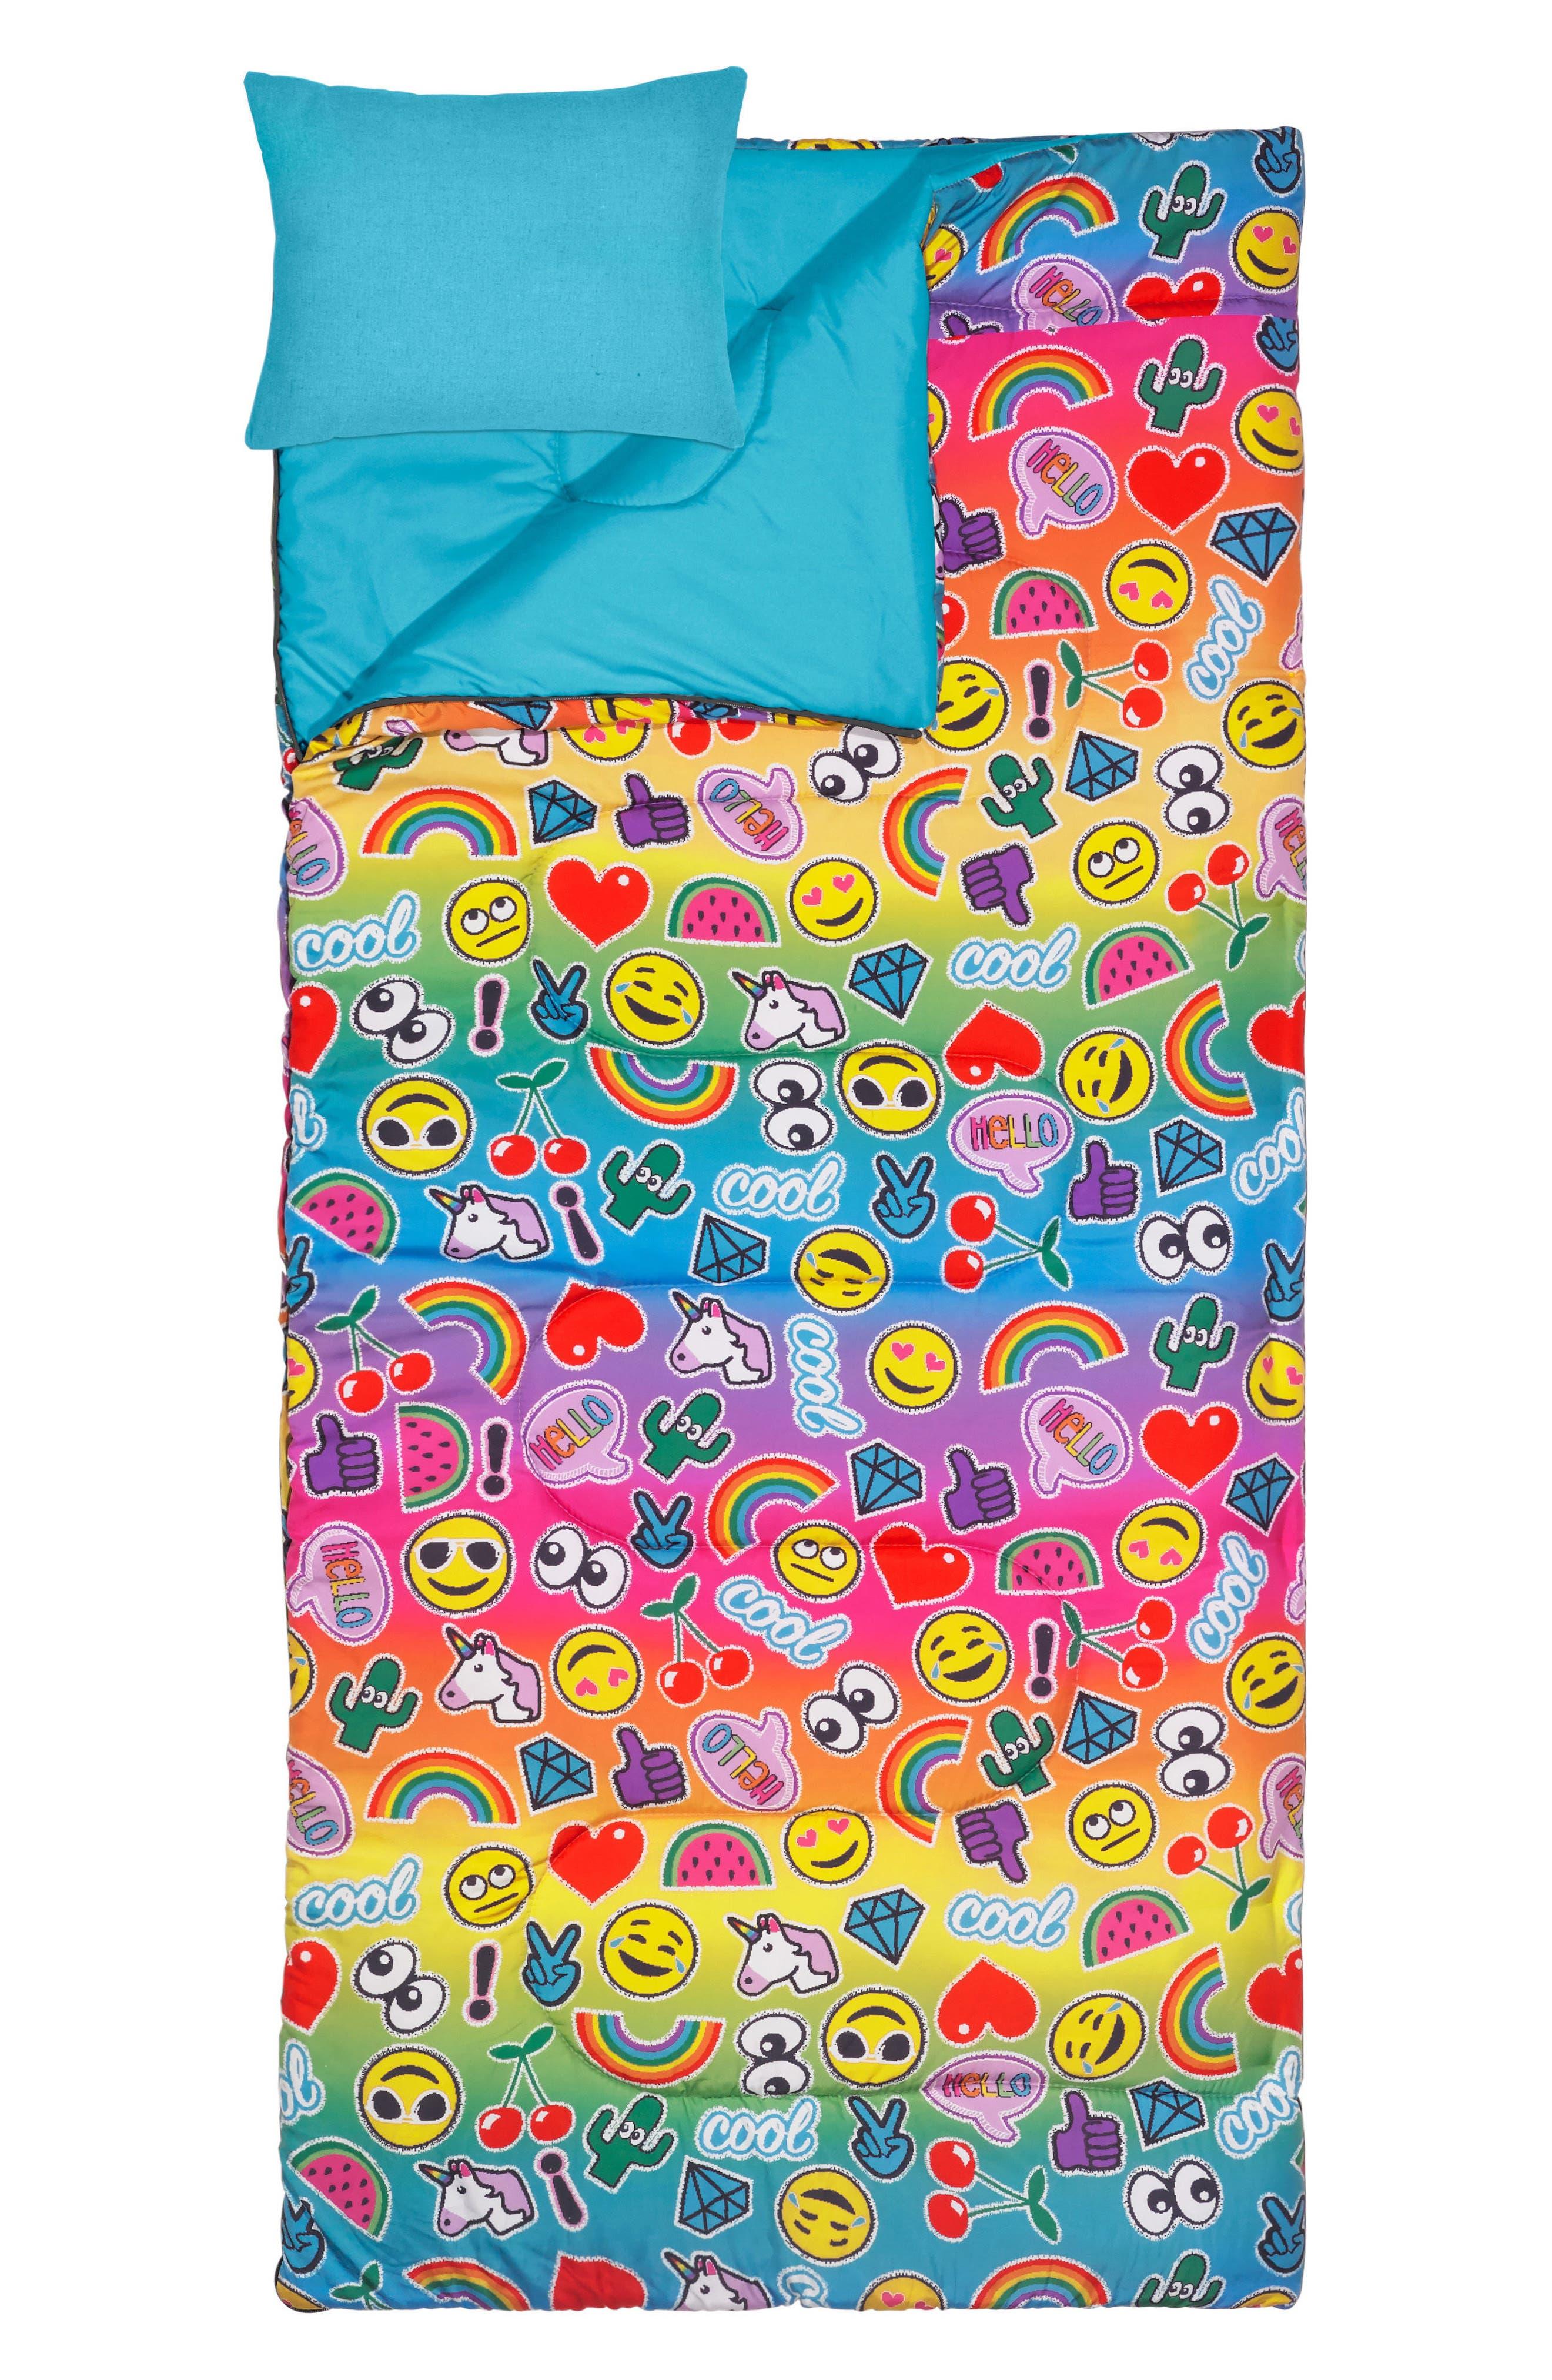 3C4G Emoji Patch Sleeping Bag Set (Kids)